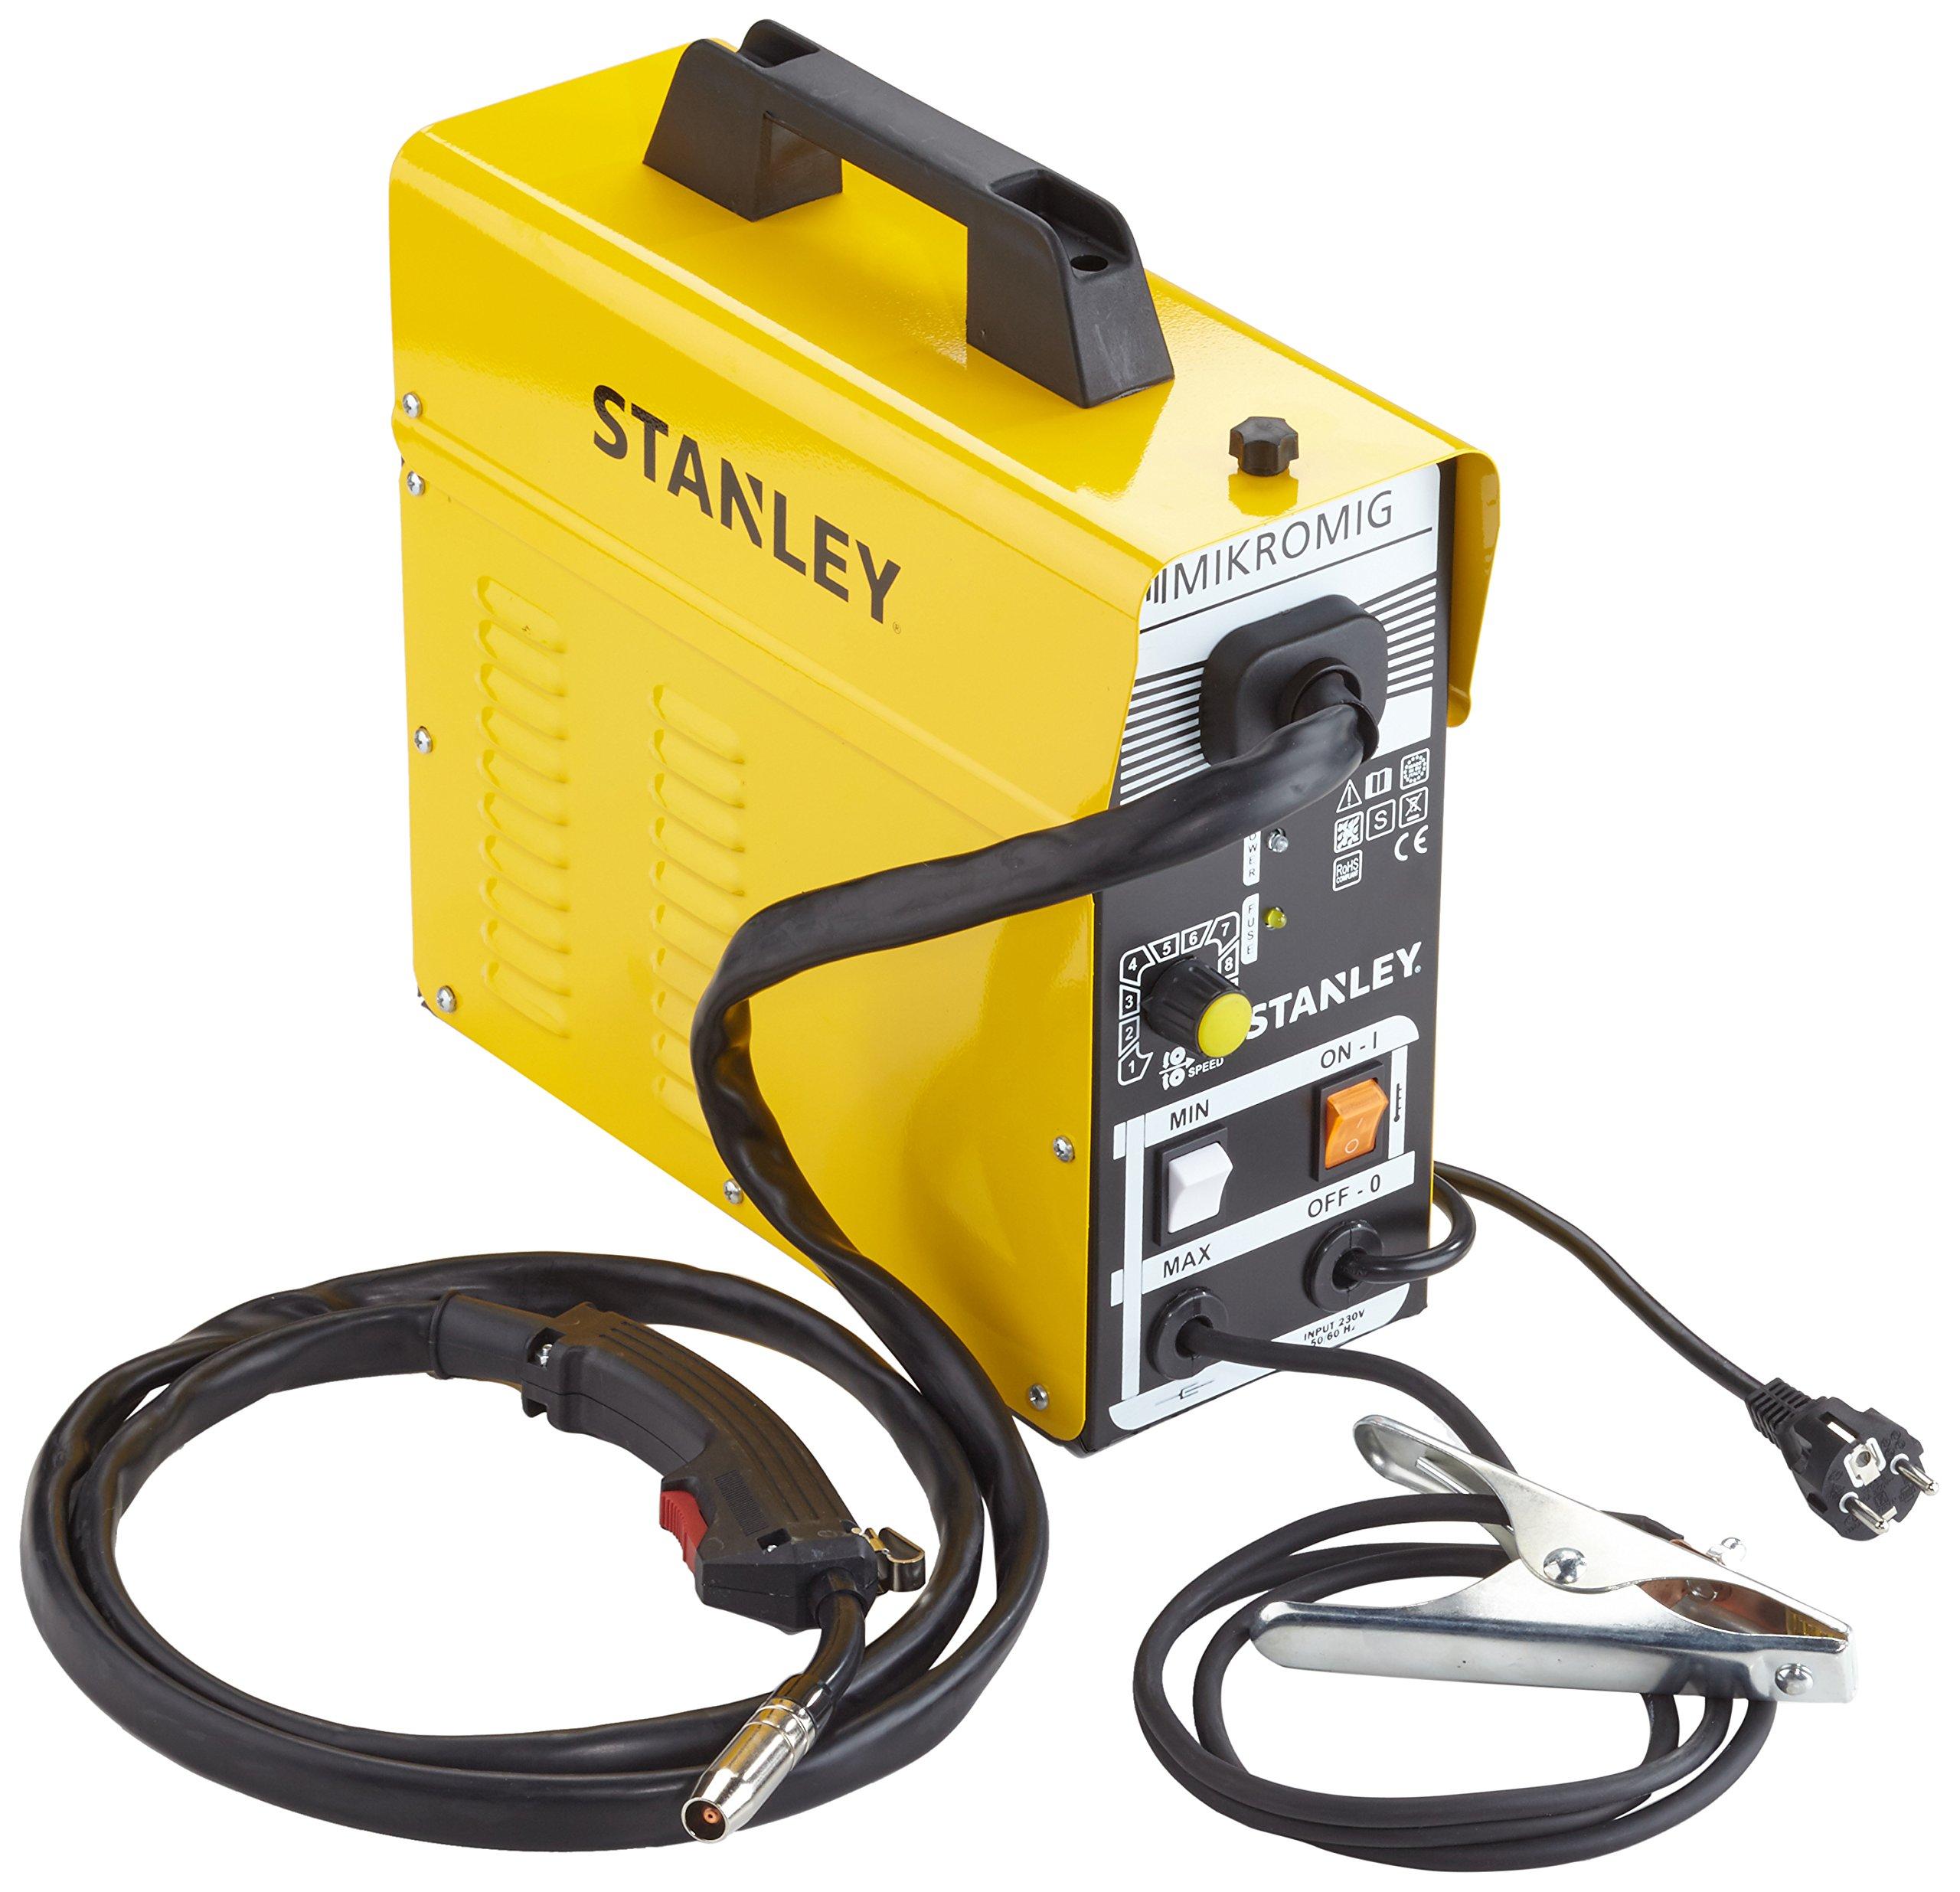 Stanley 460215 MIG MAG - Puesto para soldar (90 A, semiautomática) product image